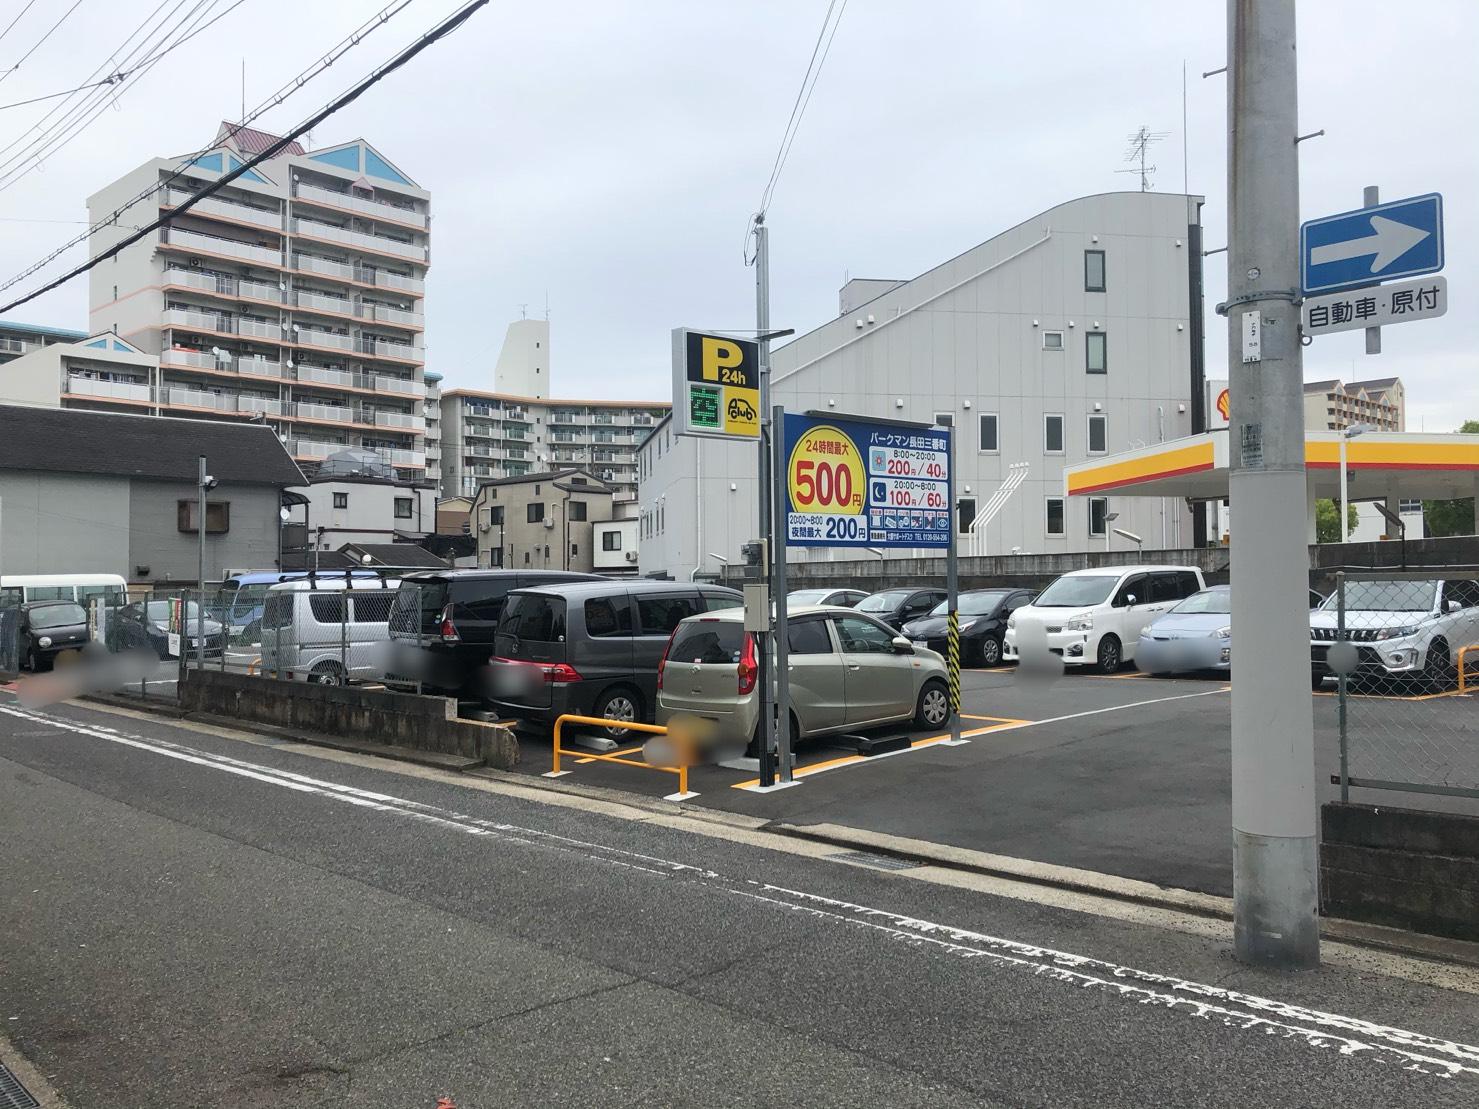 【神戸市長田区三番町 時間貸し駐車場】パークマン長田三番町